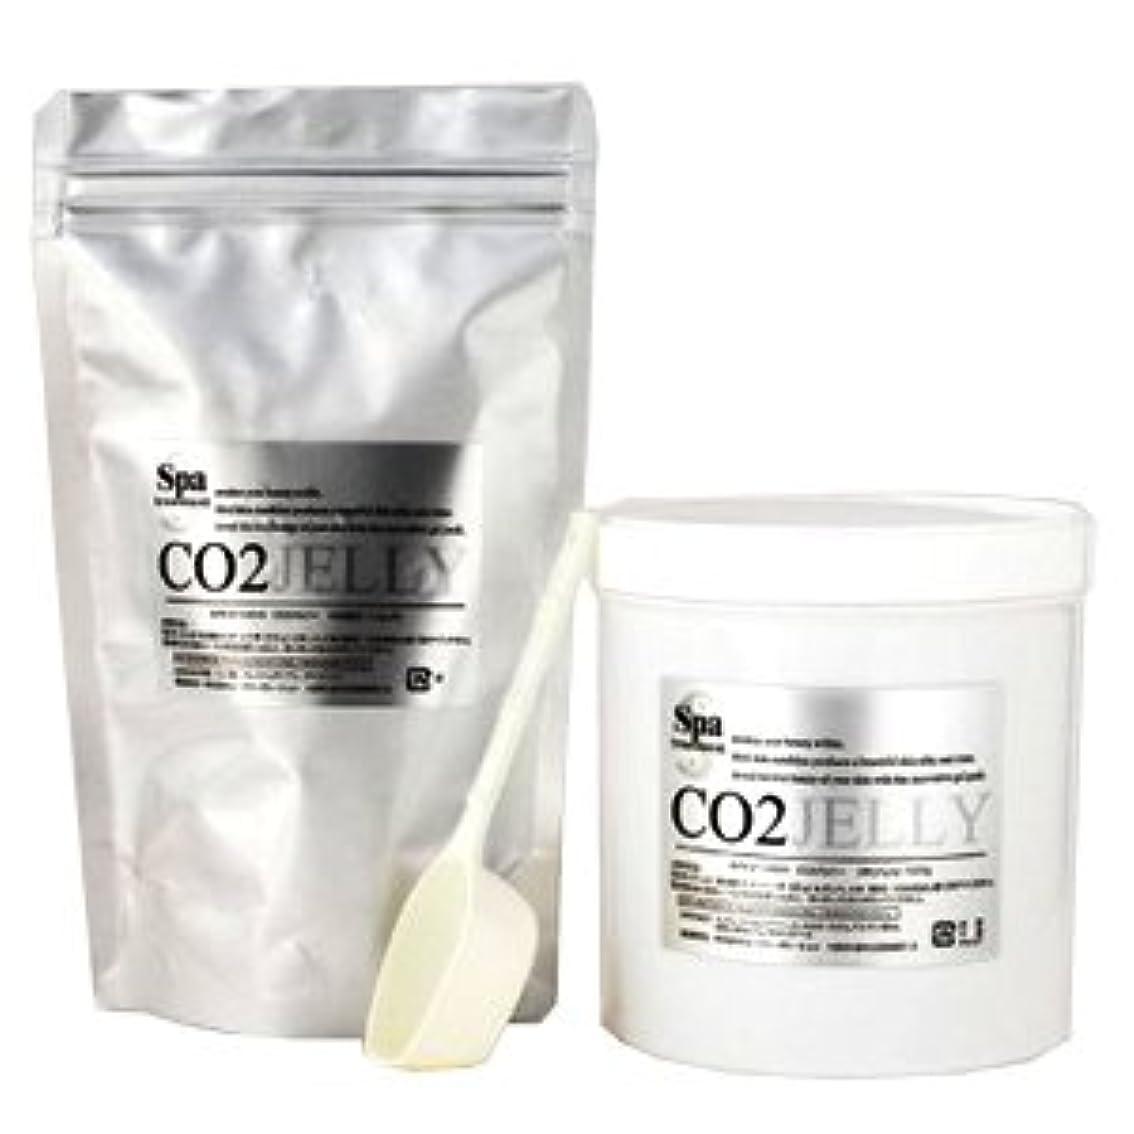 赤道野ウサギ孤独なスパトリートメント CO2ジェリーN 40回分 業務用 炭酸パック